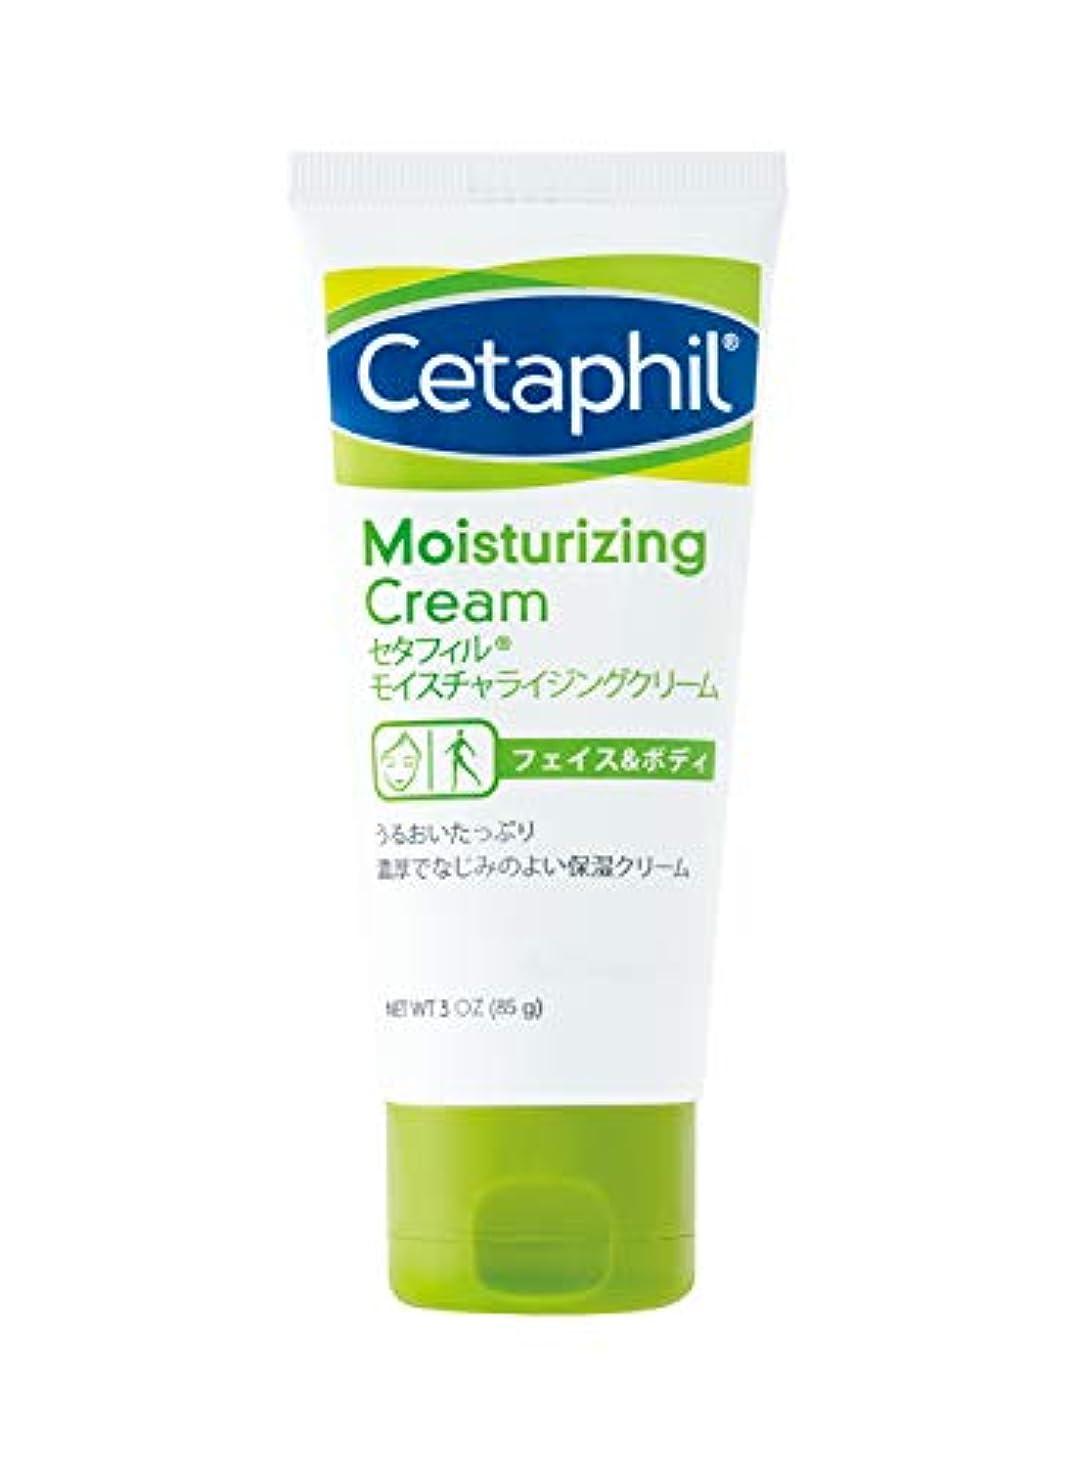 クリエイティブ腐敗した機知に富んだセタフィル Cetaphil ® モイスチャライジングクリーム 85g ( フェイス & ボディ 保湿クリーム クリーム )